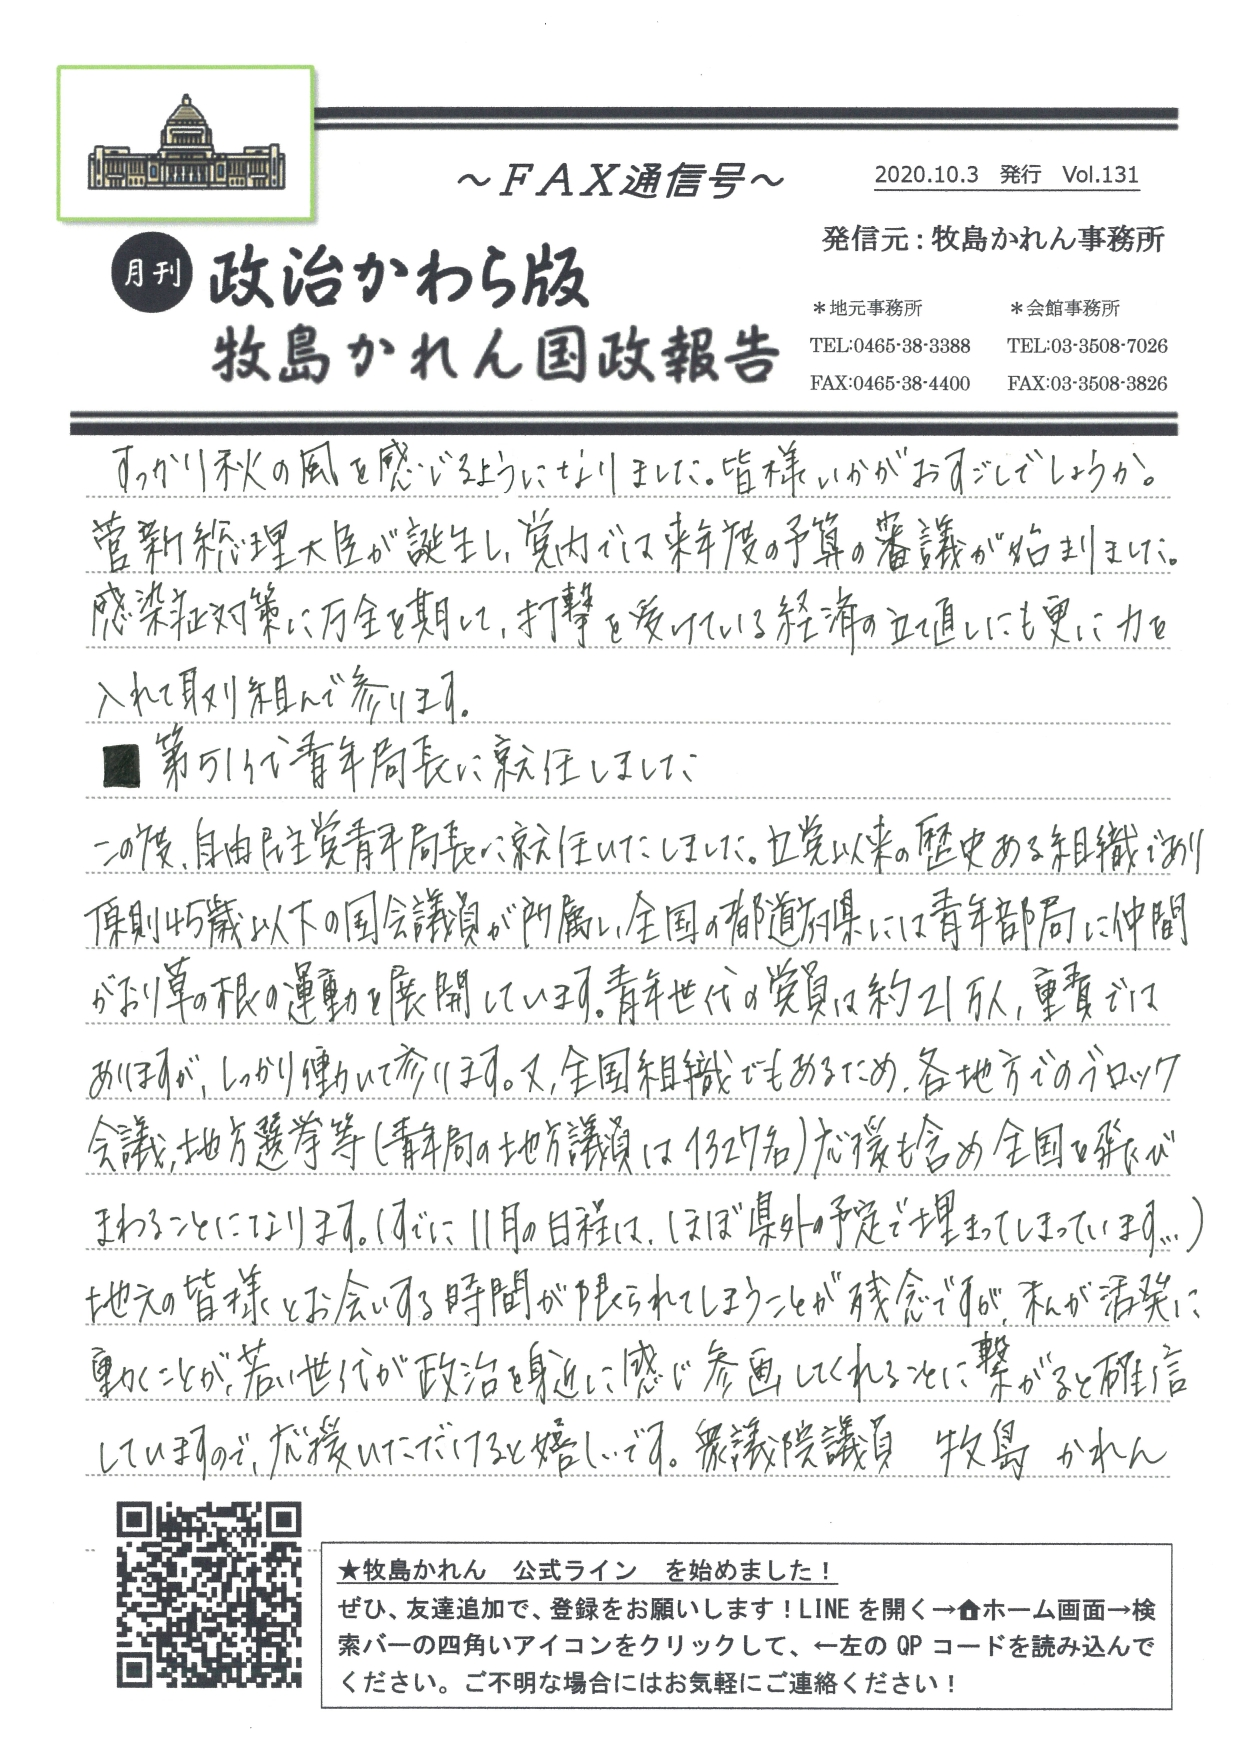 牧島かれん 政治かわら版10月号 Vol.131